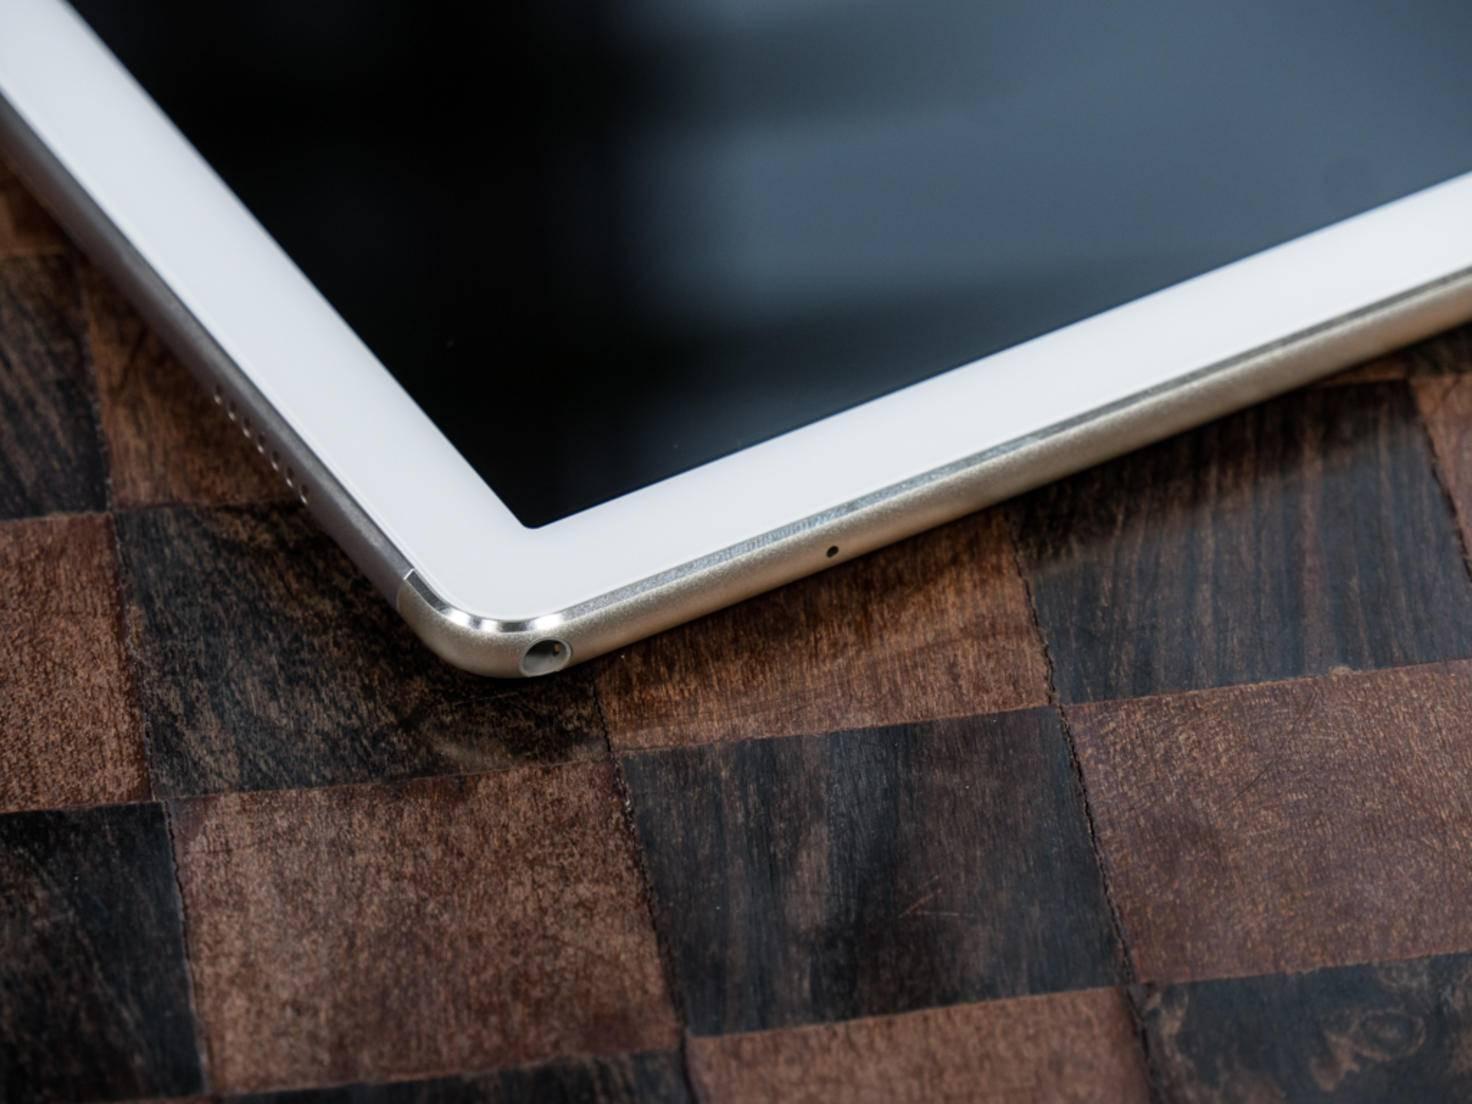 Außer USB-C-Port und Kopfhöreranschluss besitzt das MateBook keine Ports.